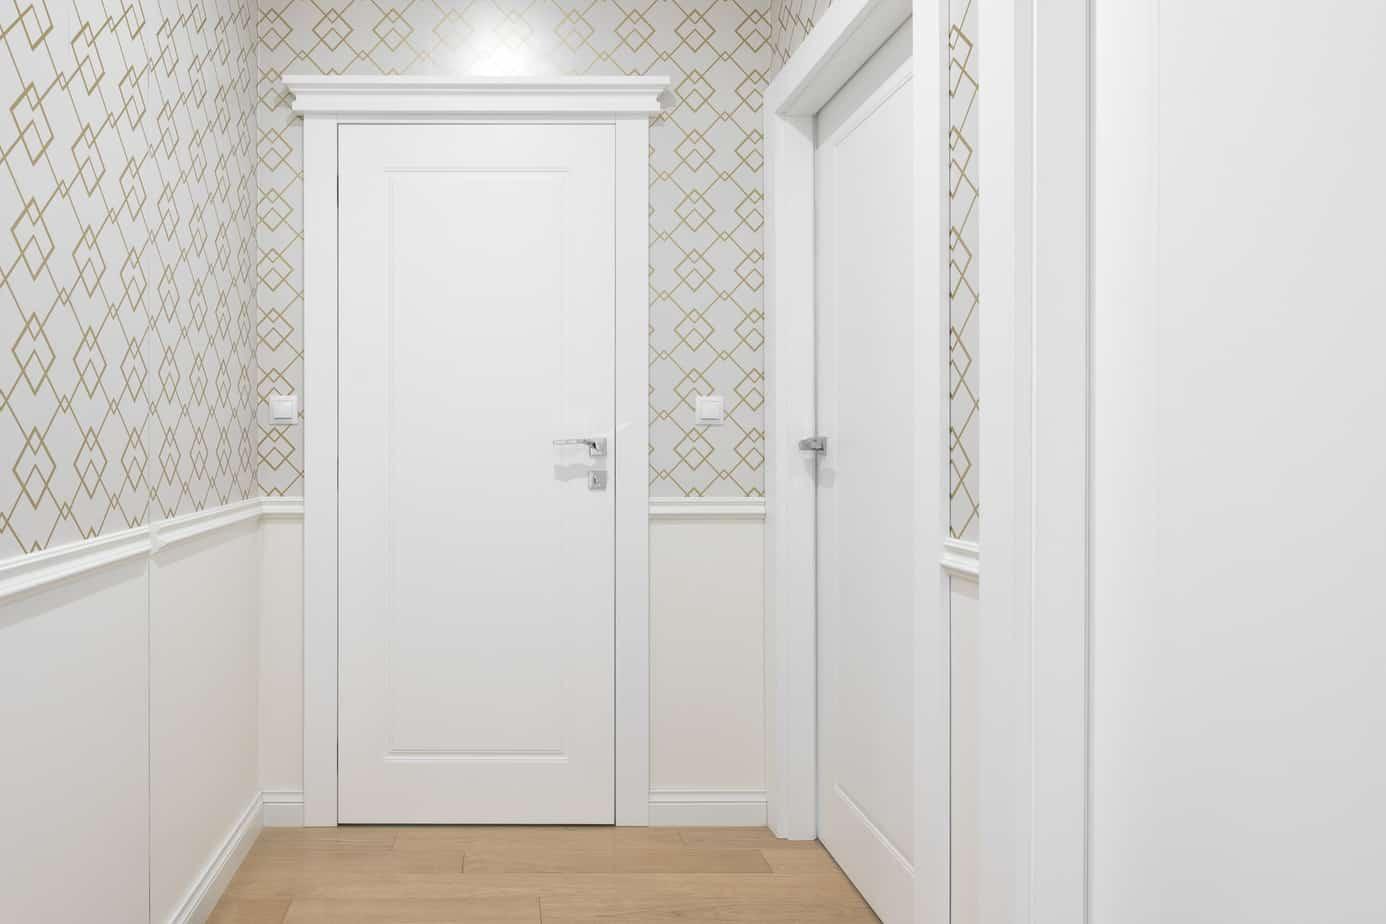 Drzwi stylizowane